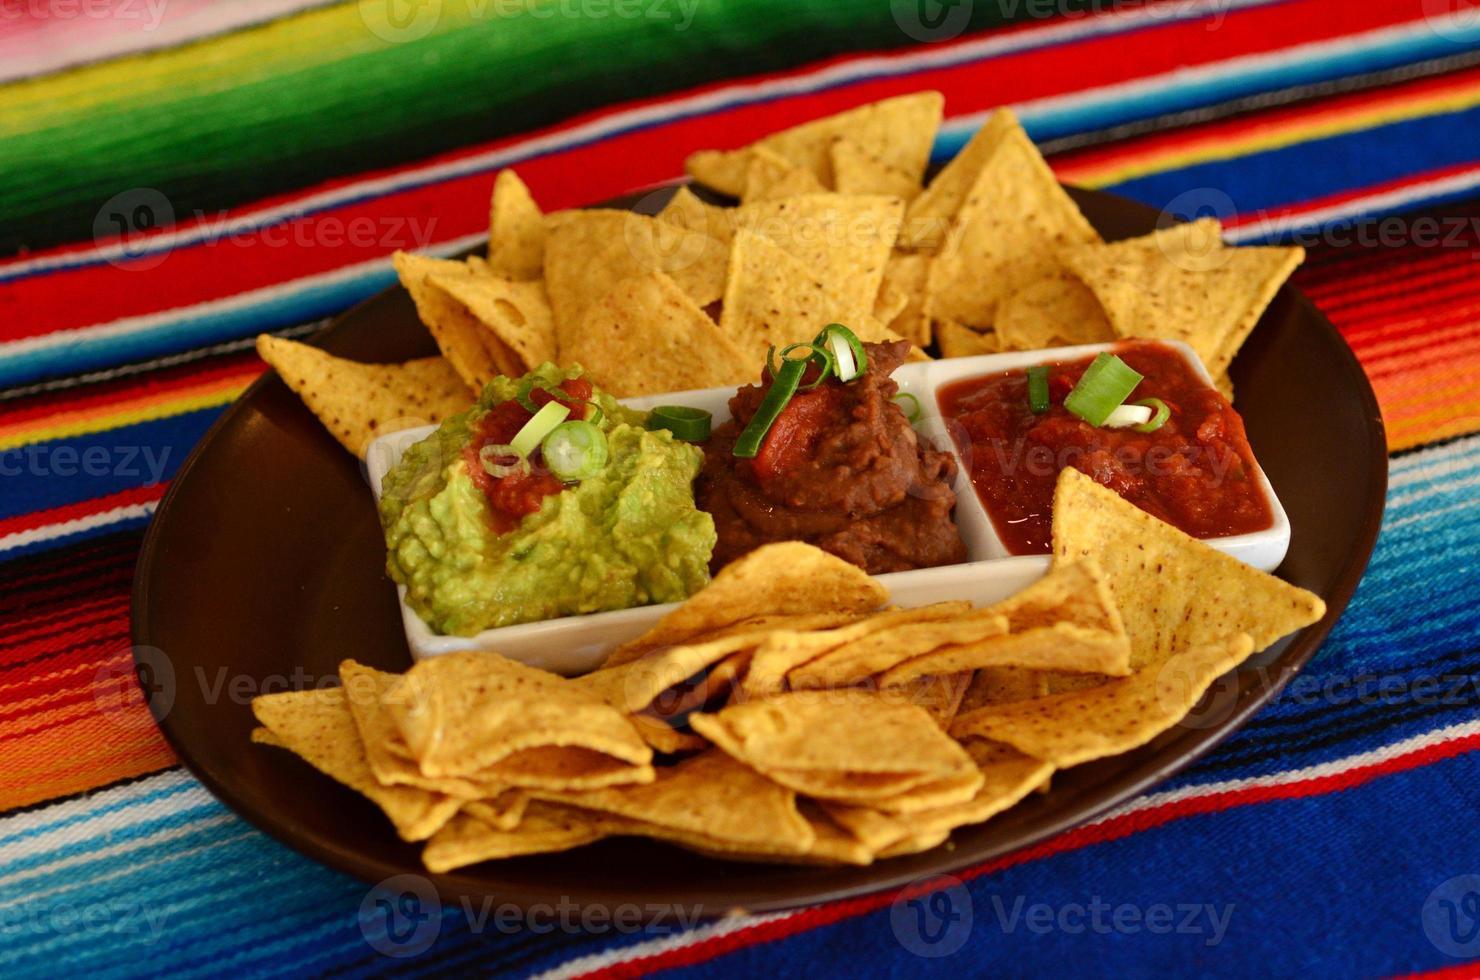 cuisine mexicaine - nachos photo